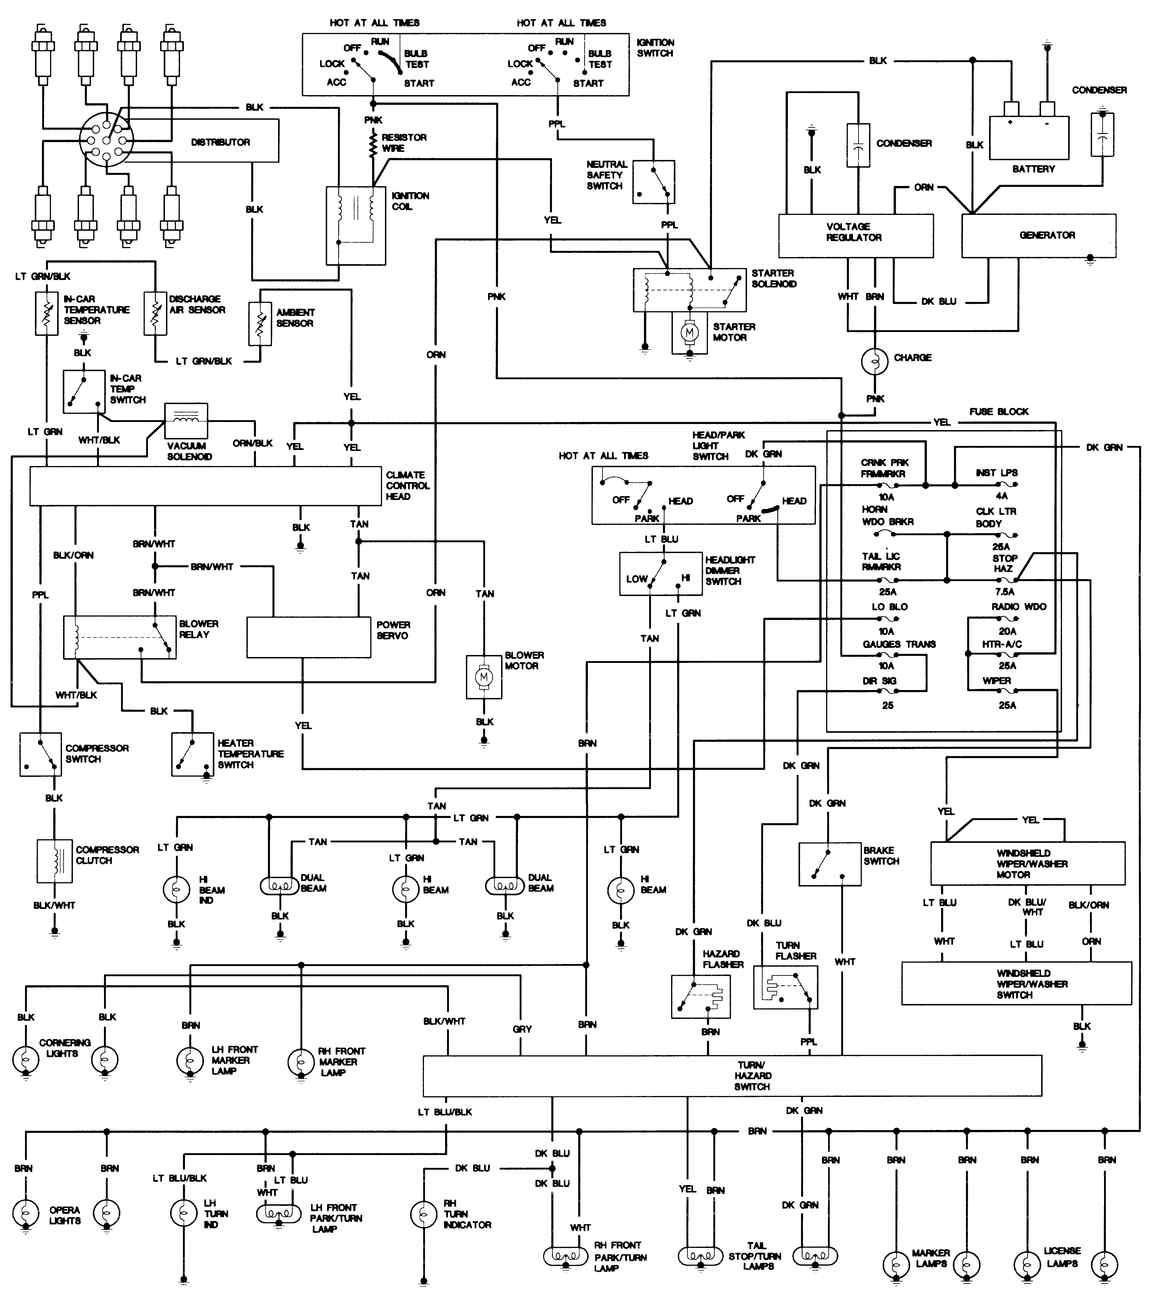 [EA_3959] 1967 Cadillac Fuse Box Download Diagram